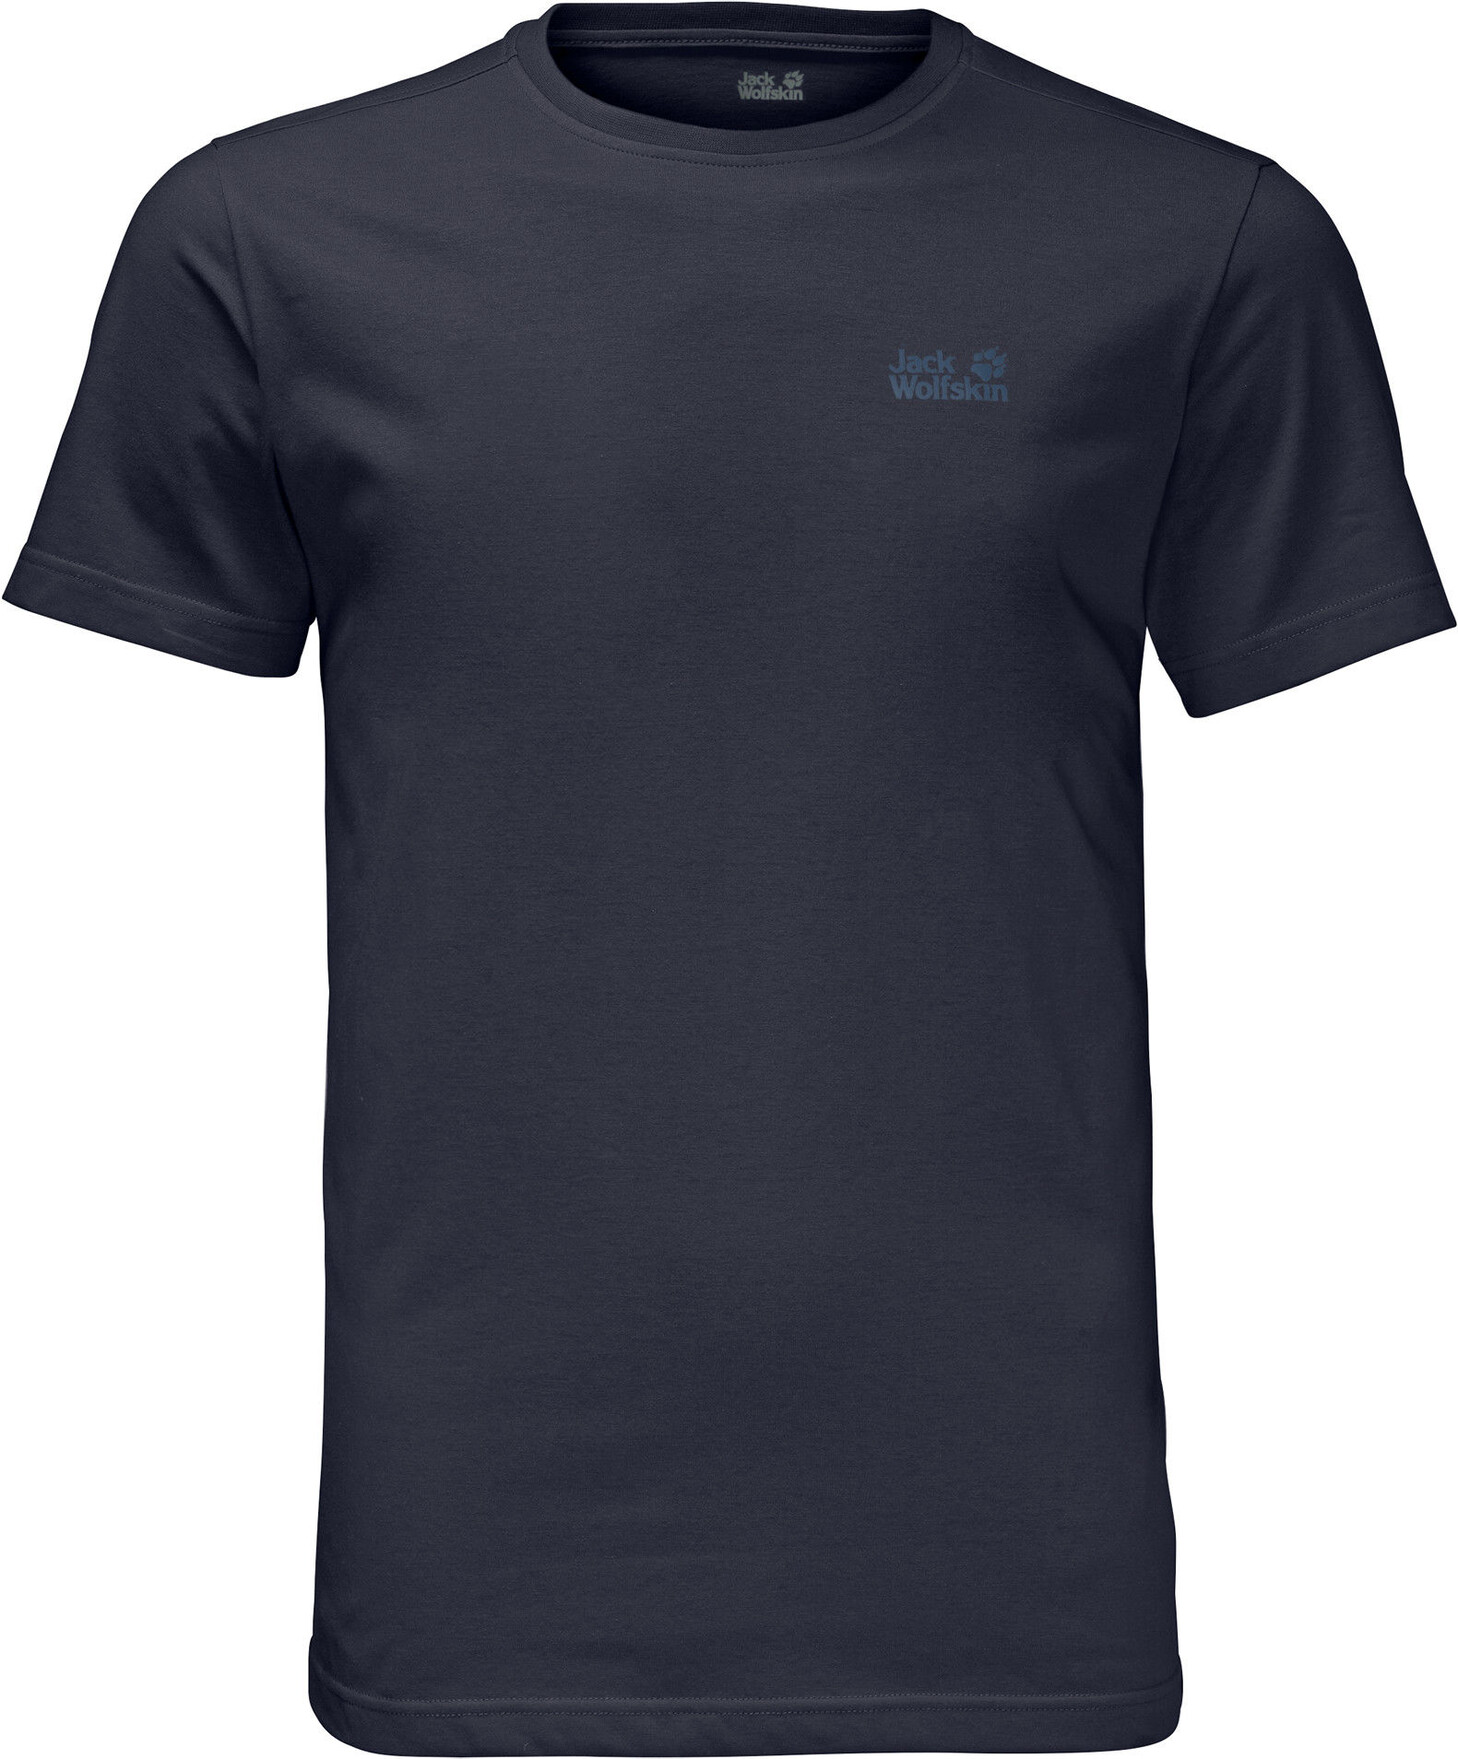 Jack Wolfskin Essential T Shirt Herren night blue